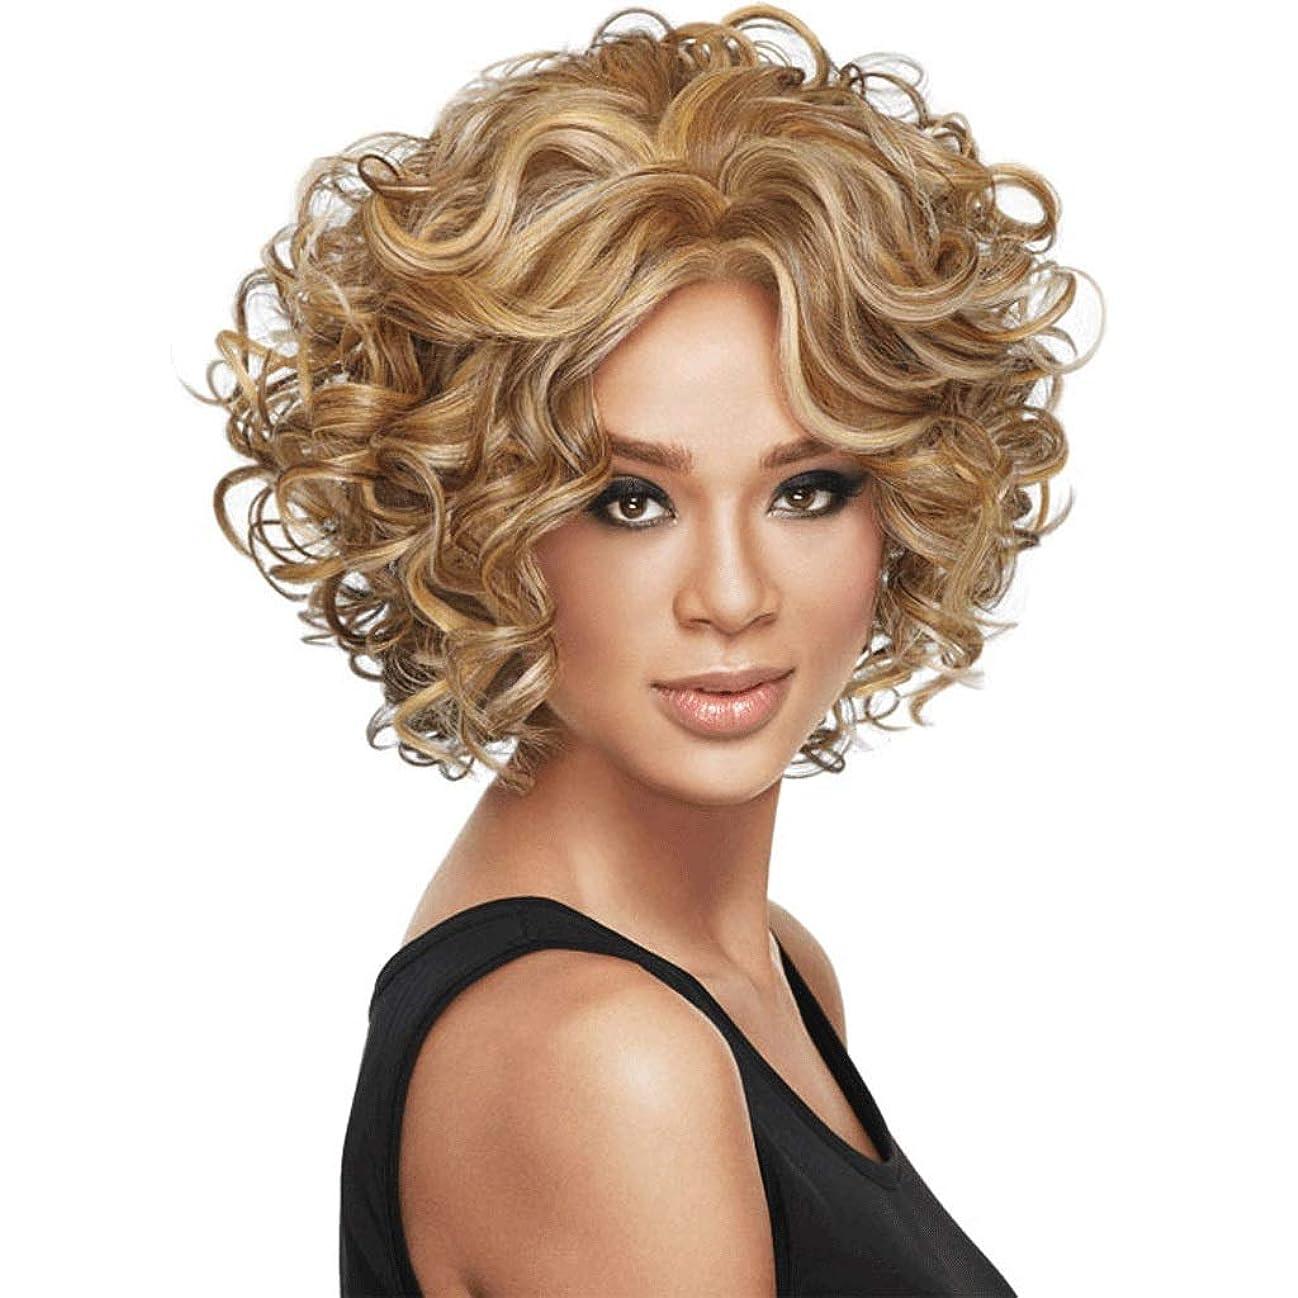 びっくり高齢者心のこもった黒人女性のファッション短い巻き毛のかつら、レディースコスプレ/結婚式/パーティー/誕生日のための耐熱性人工毛 (色 : C)